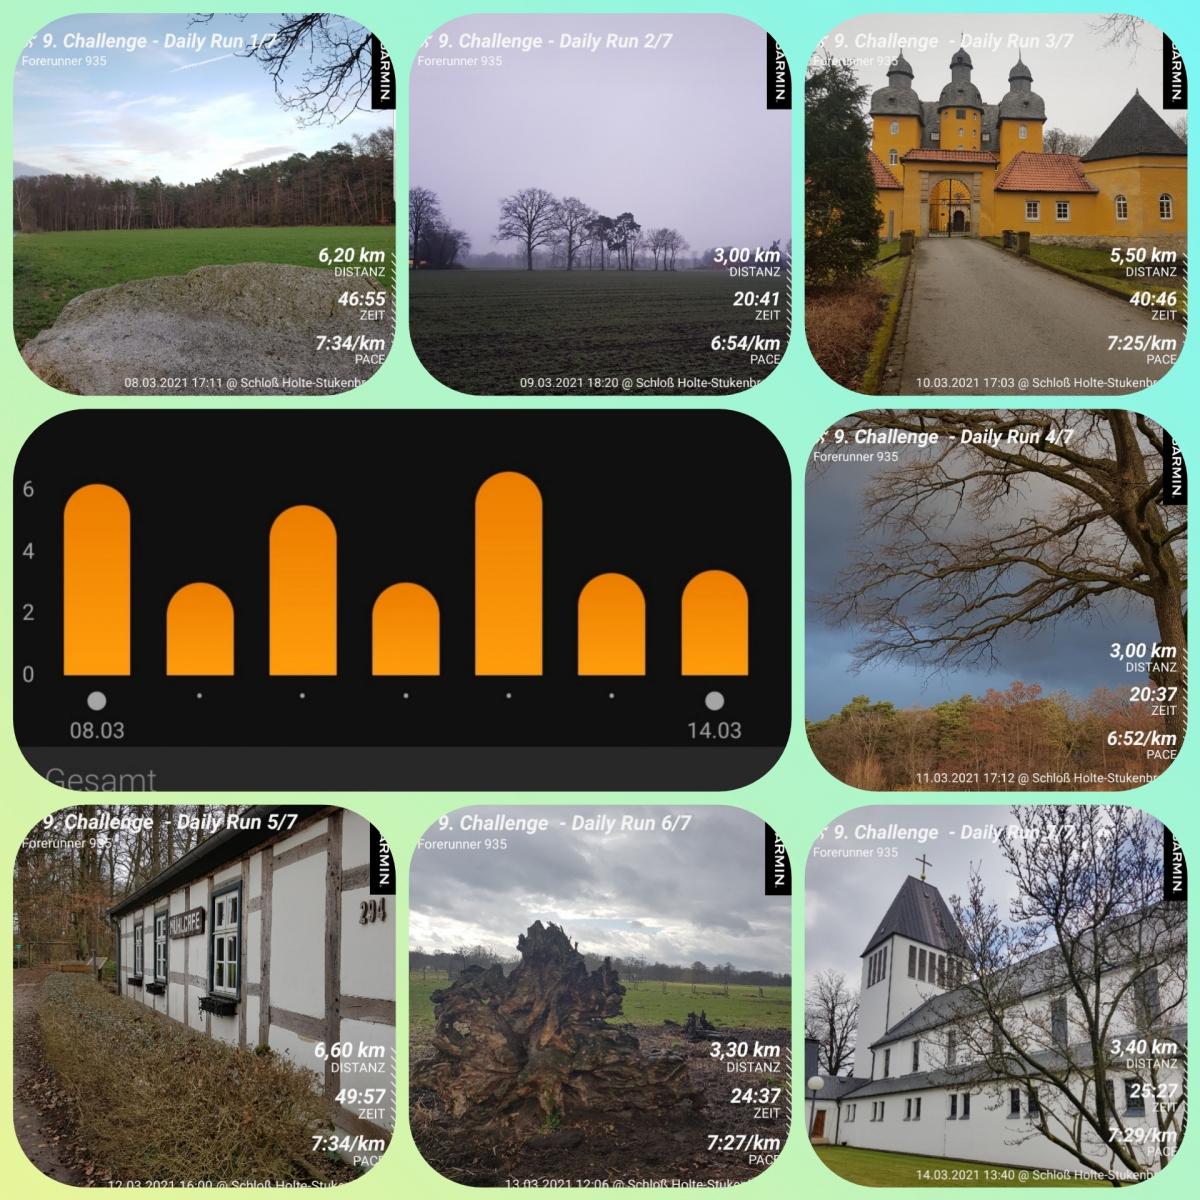 Frenzel-Stefanie-9-Challenge-Daily-Run-j9DnT